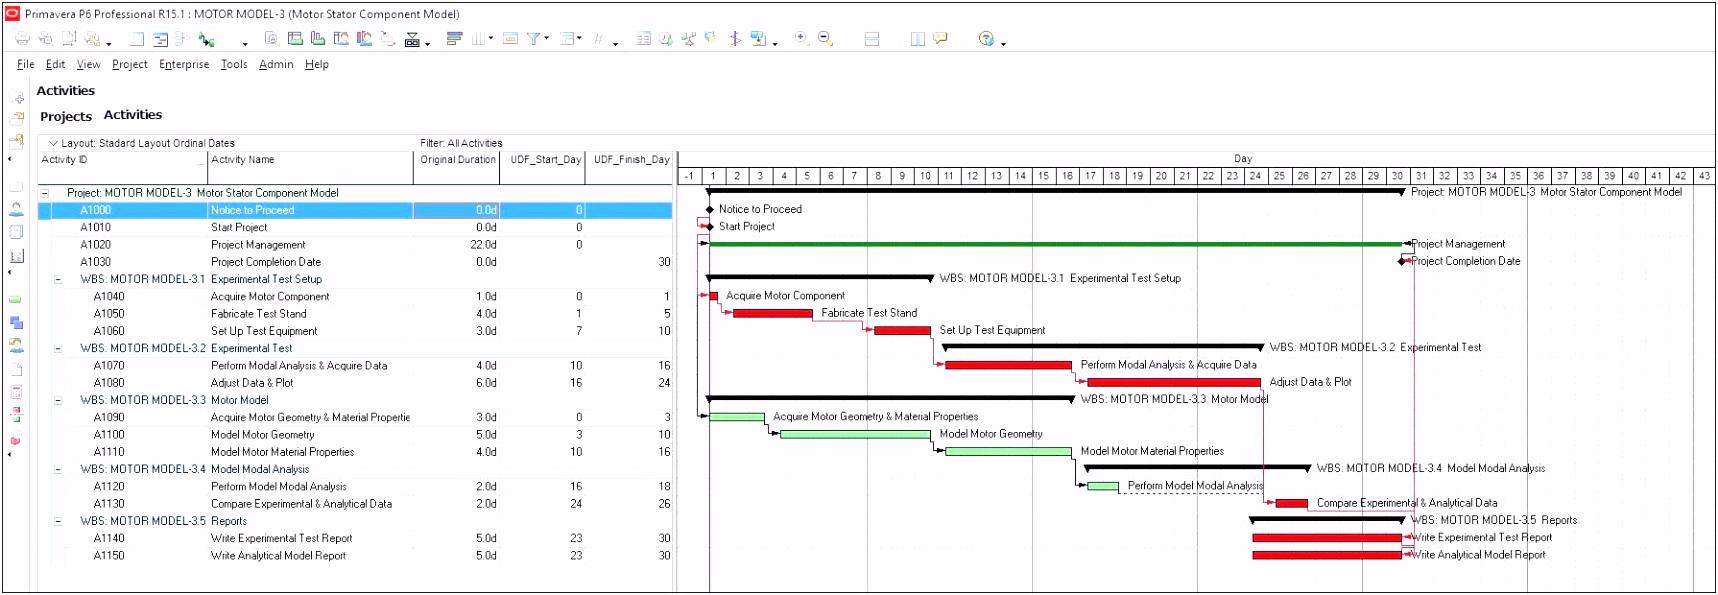 Wm 2018 Tippspiel Excel Vorlage Berichtsheft Vorlage Einzelhandel Modell Sap Dictionary German H6qc26gte9 Z2il6uvdvs